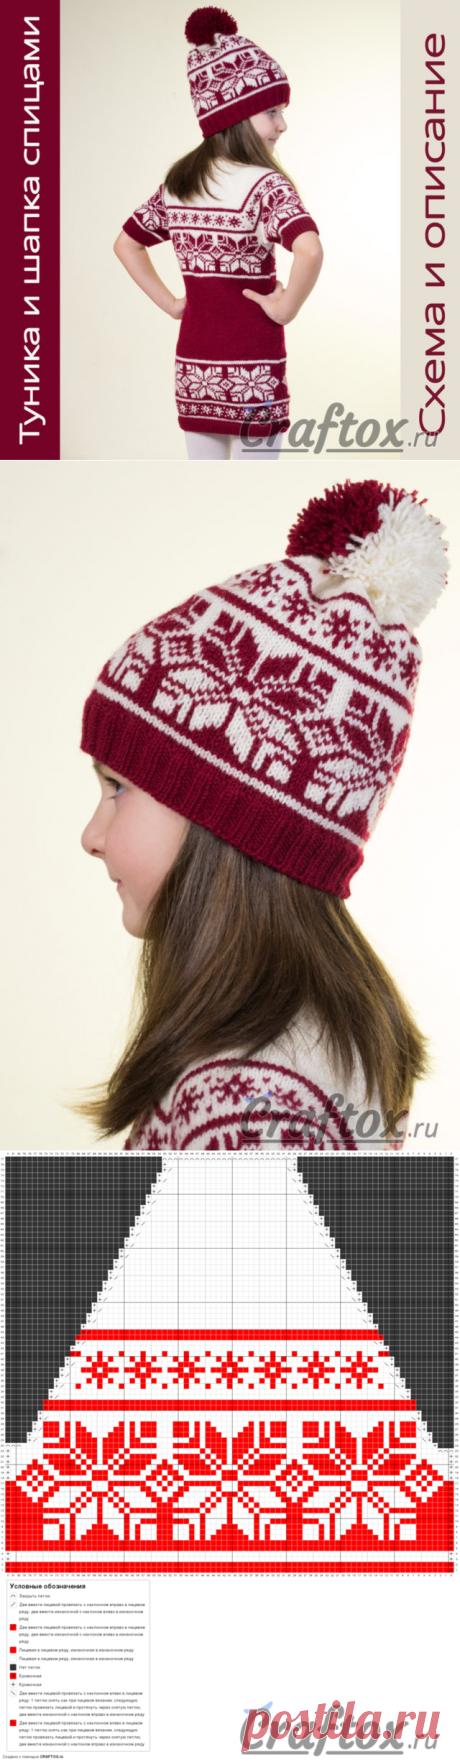 Туника (платье) и шапка с жаккардовым узором спицами. Схема, описание и фото